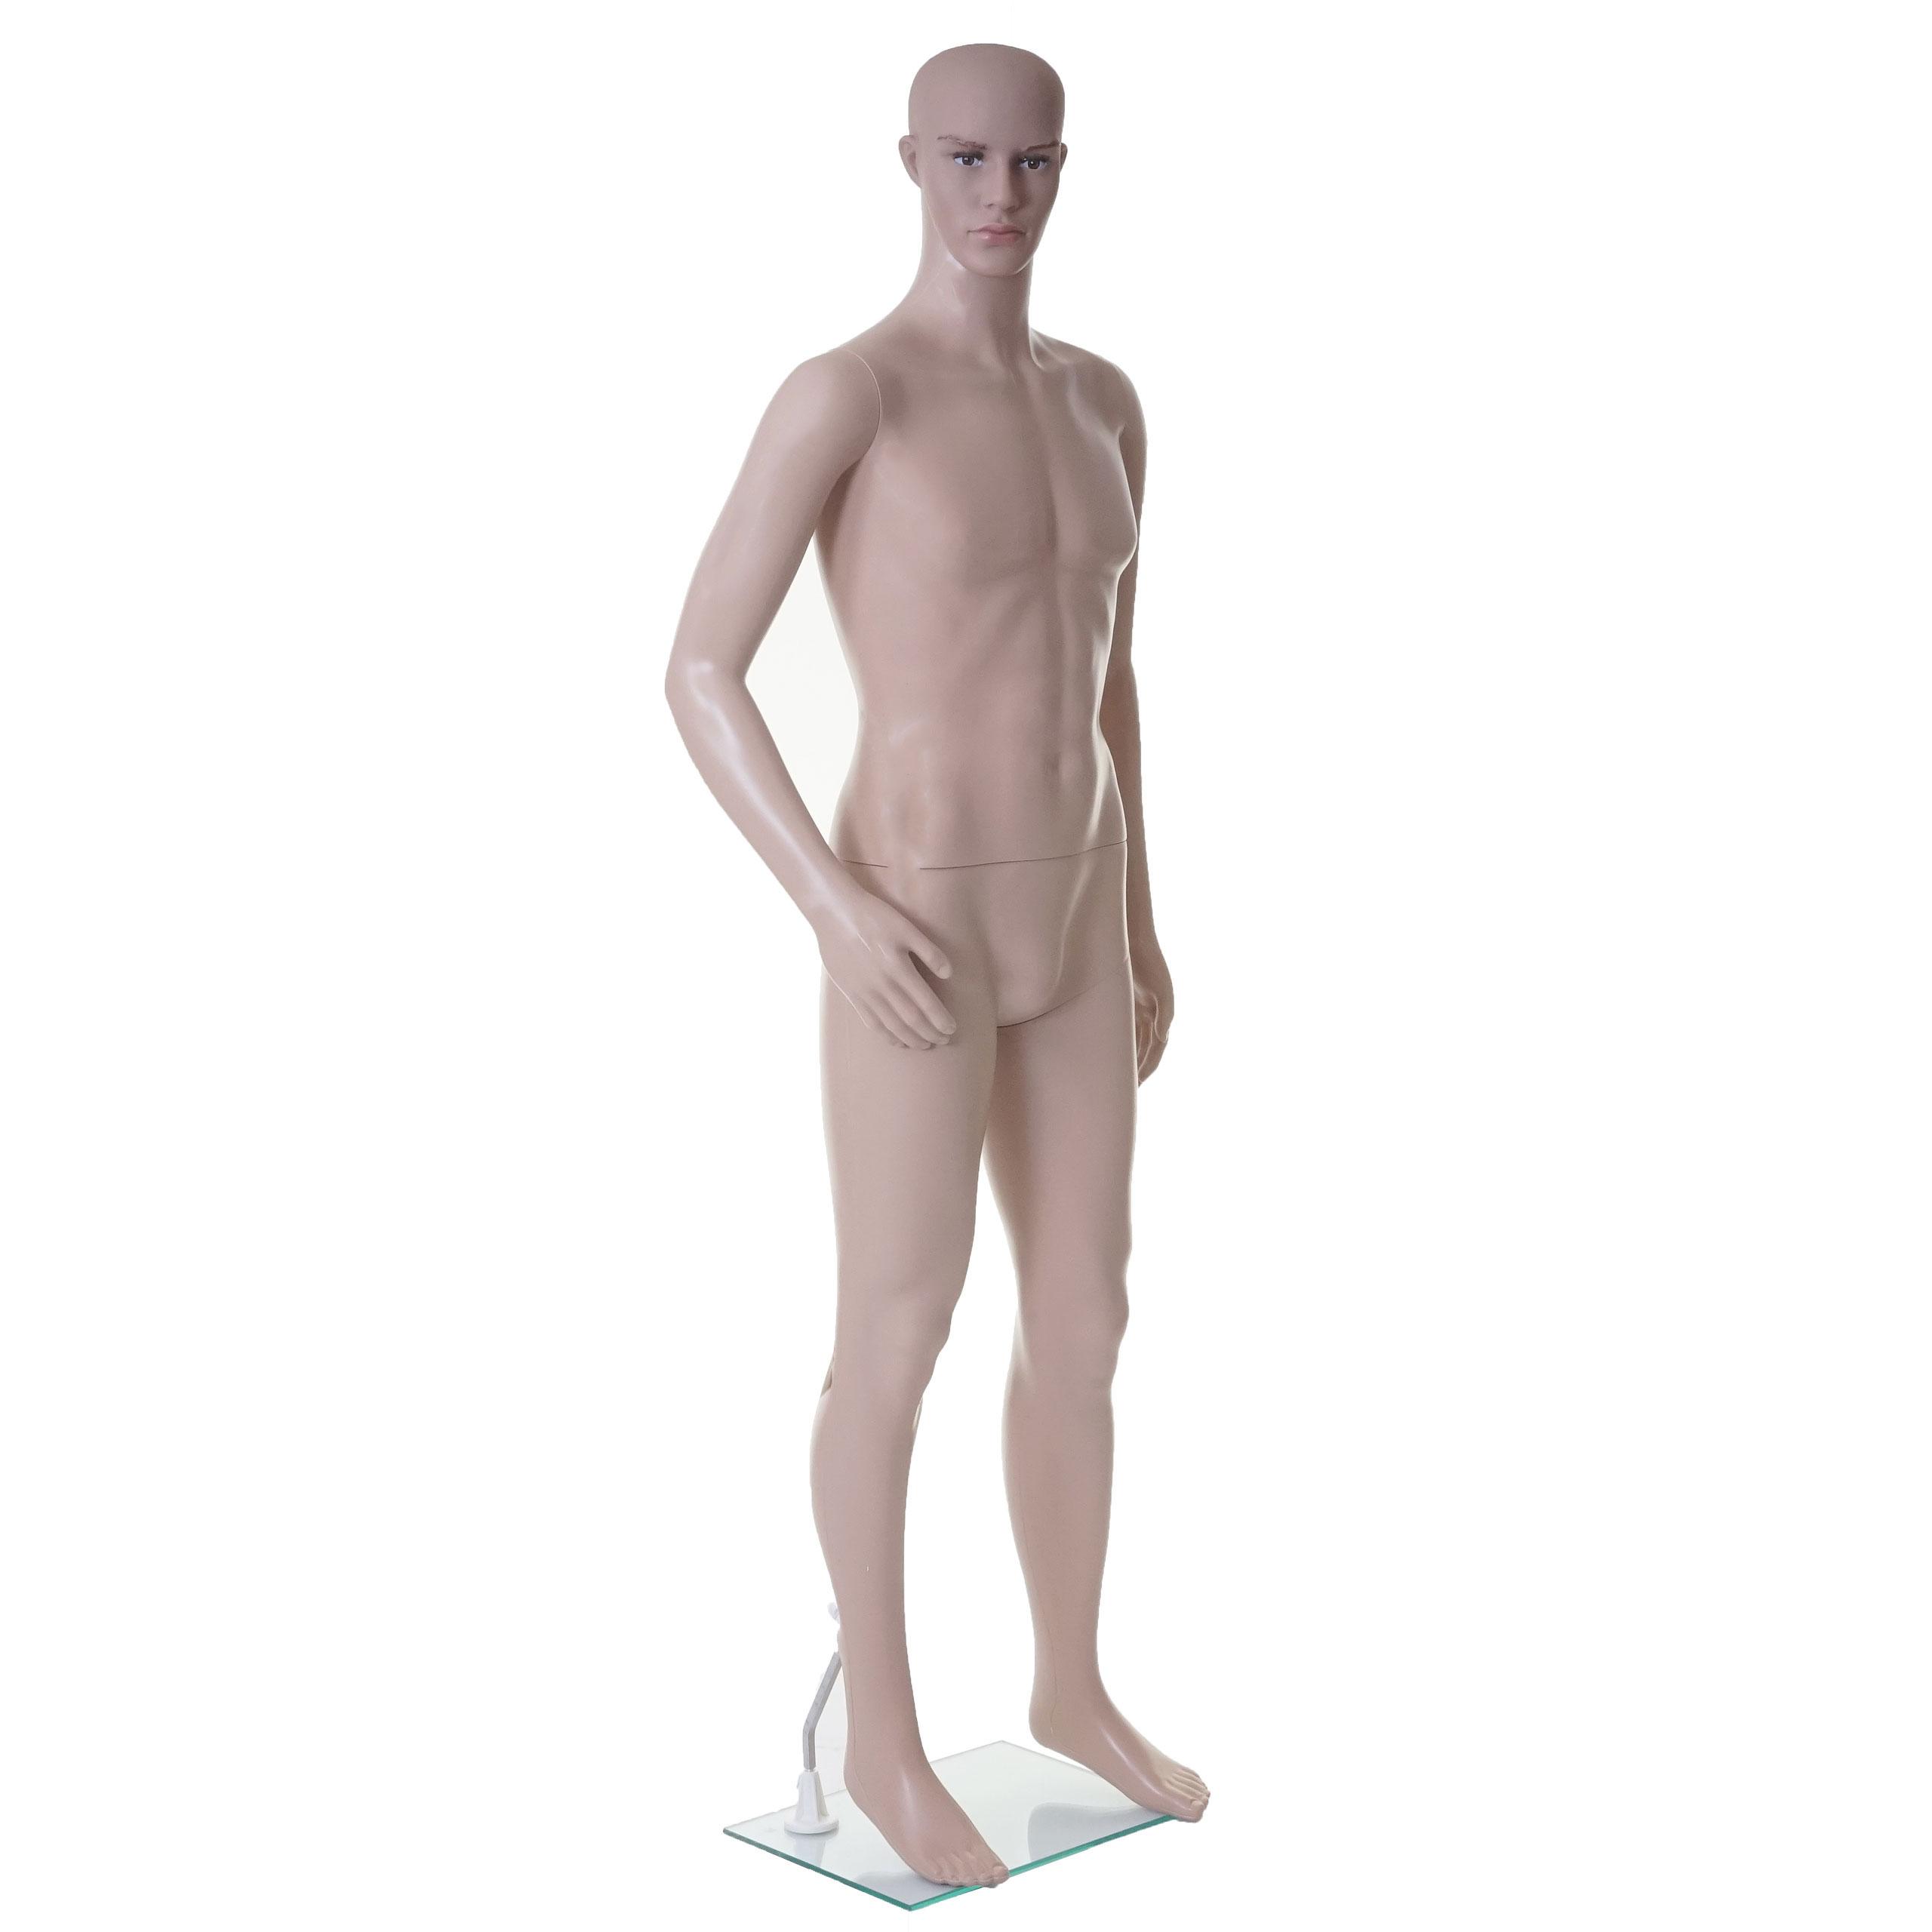 Mendler Schaufensterpuppe HWC-E37, männlich Mann Schaufensterfigur Puppe Mannequin Schneiderpuppe, lebensgro 65491